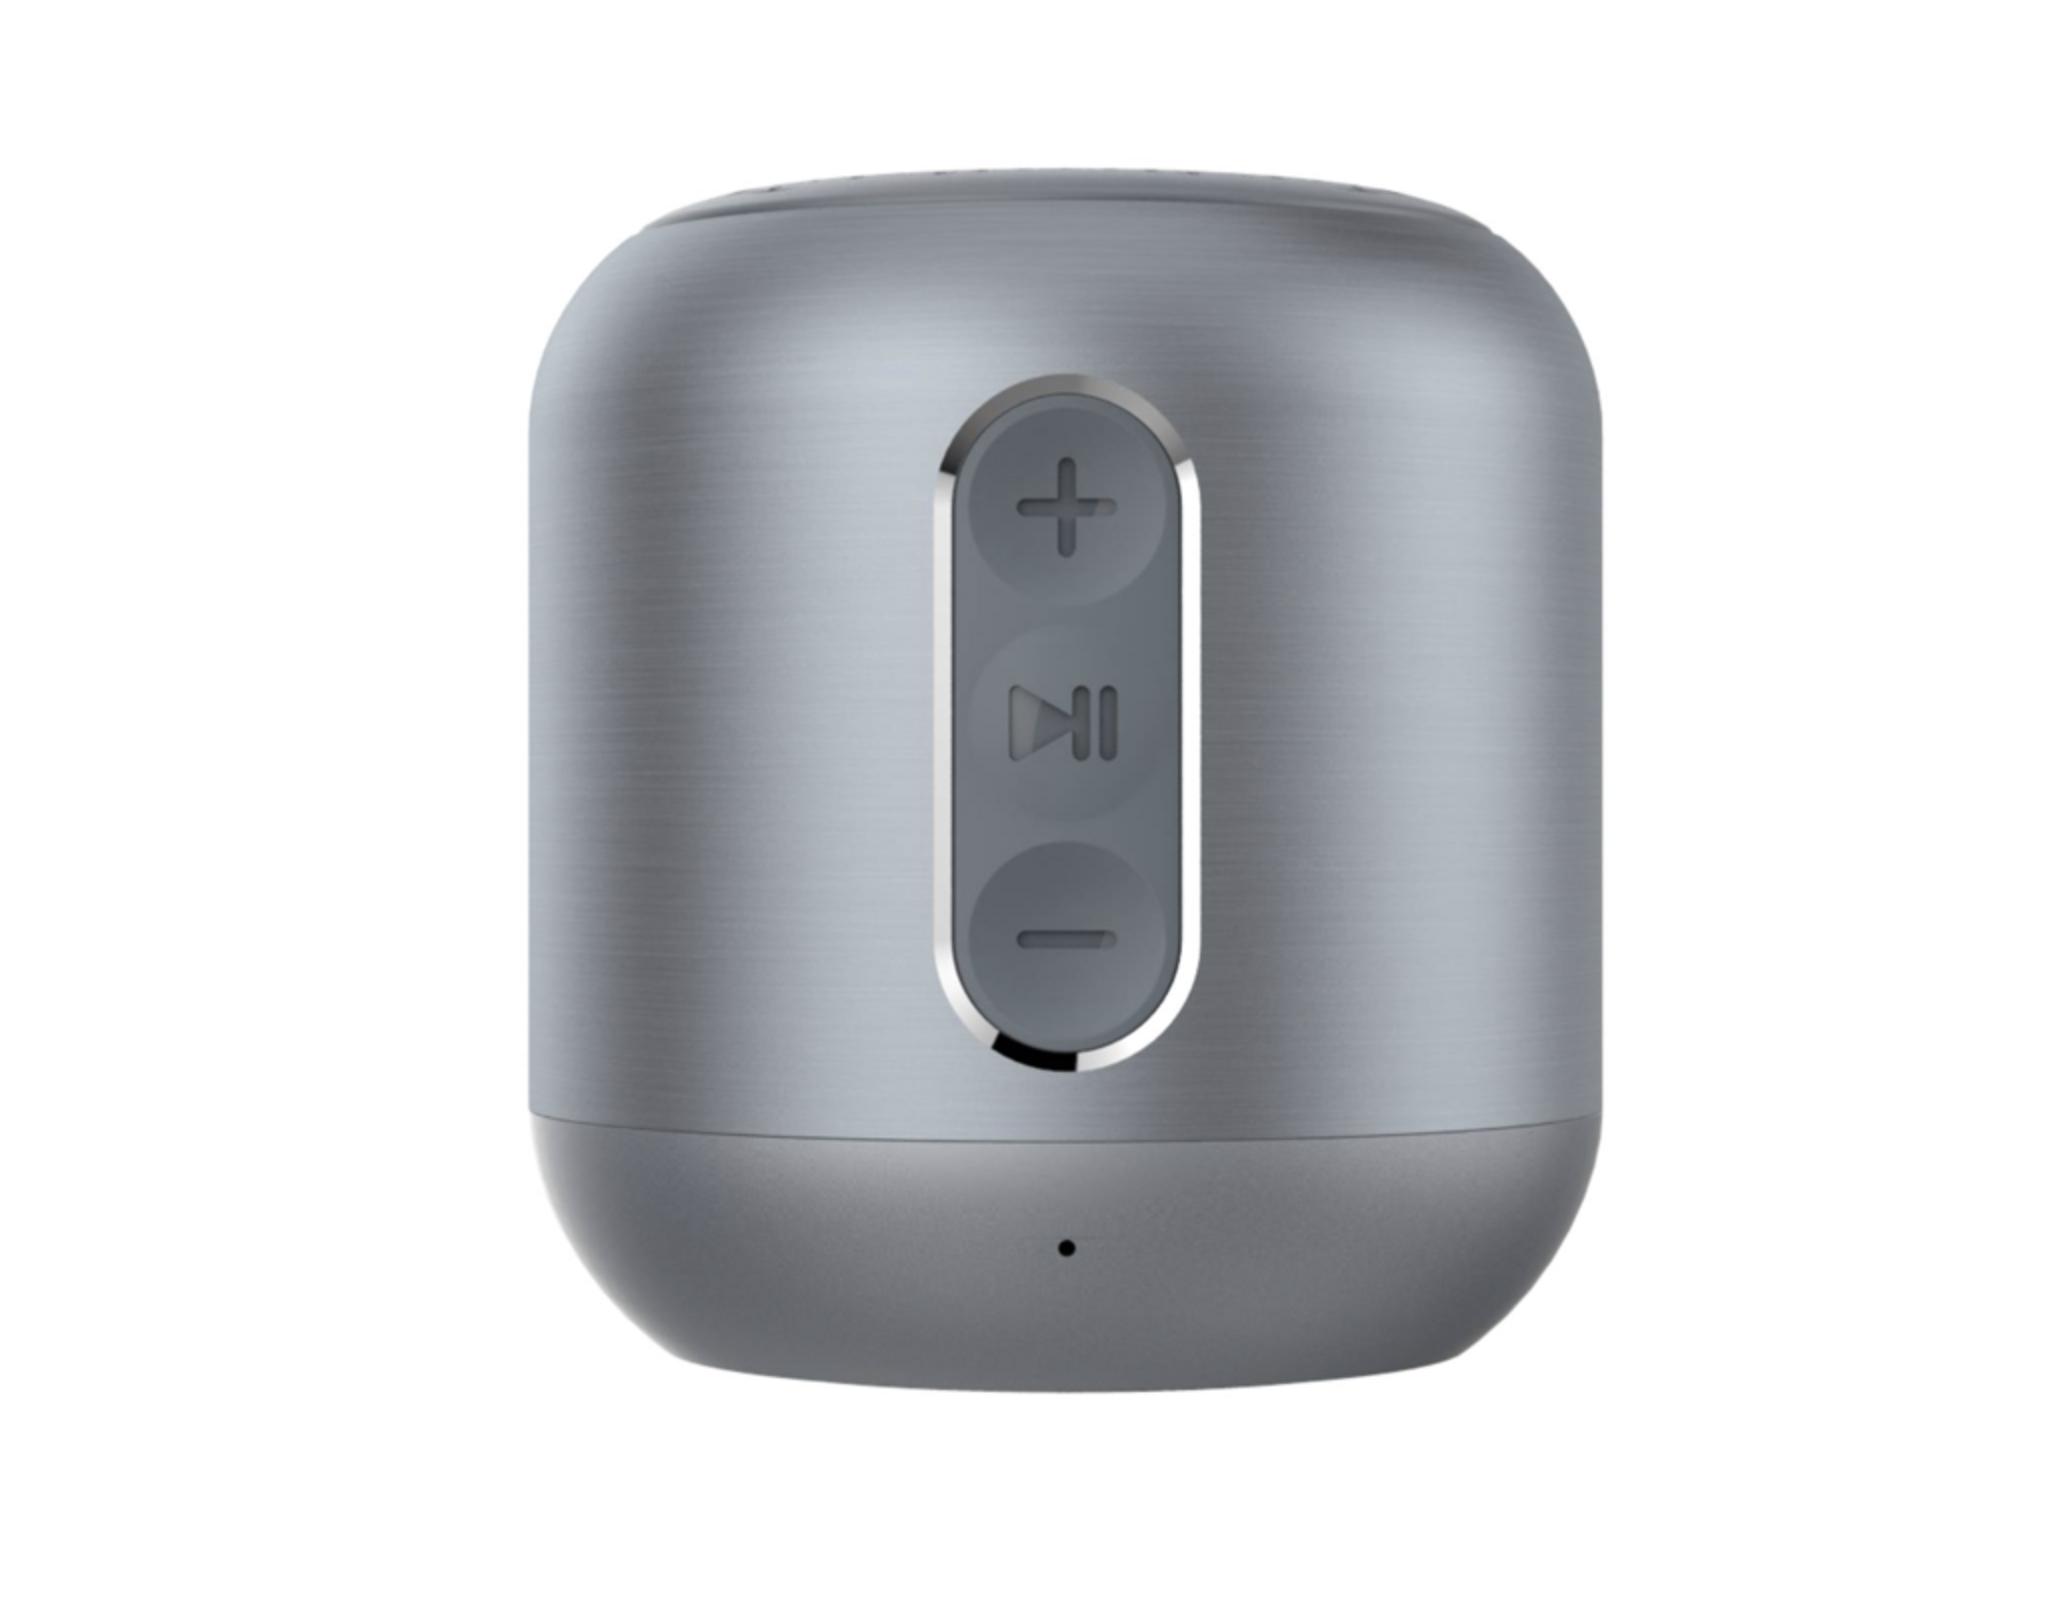 新款高品质蓝牙音箱,小体积蓝牙音箱,便携式蓝牙音箱 最新款高品质 迷你蓝牙音箱 新款高品质蓝牙音箱